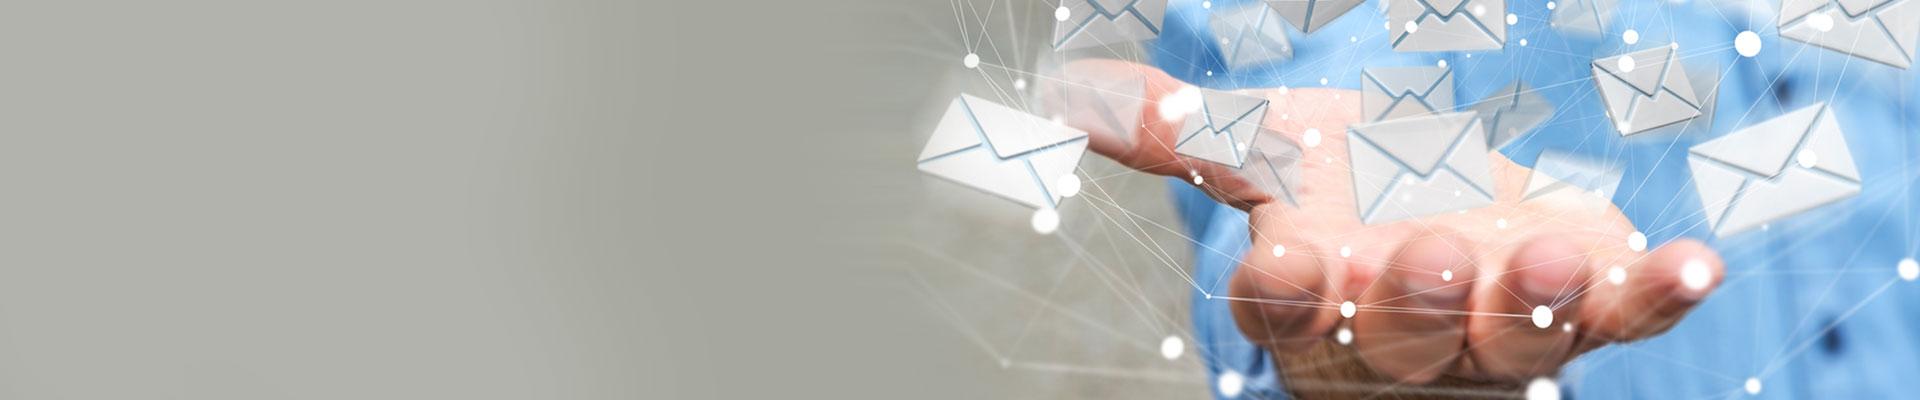 postal-service Spedire posta e pacchi in tabaccheria